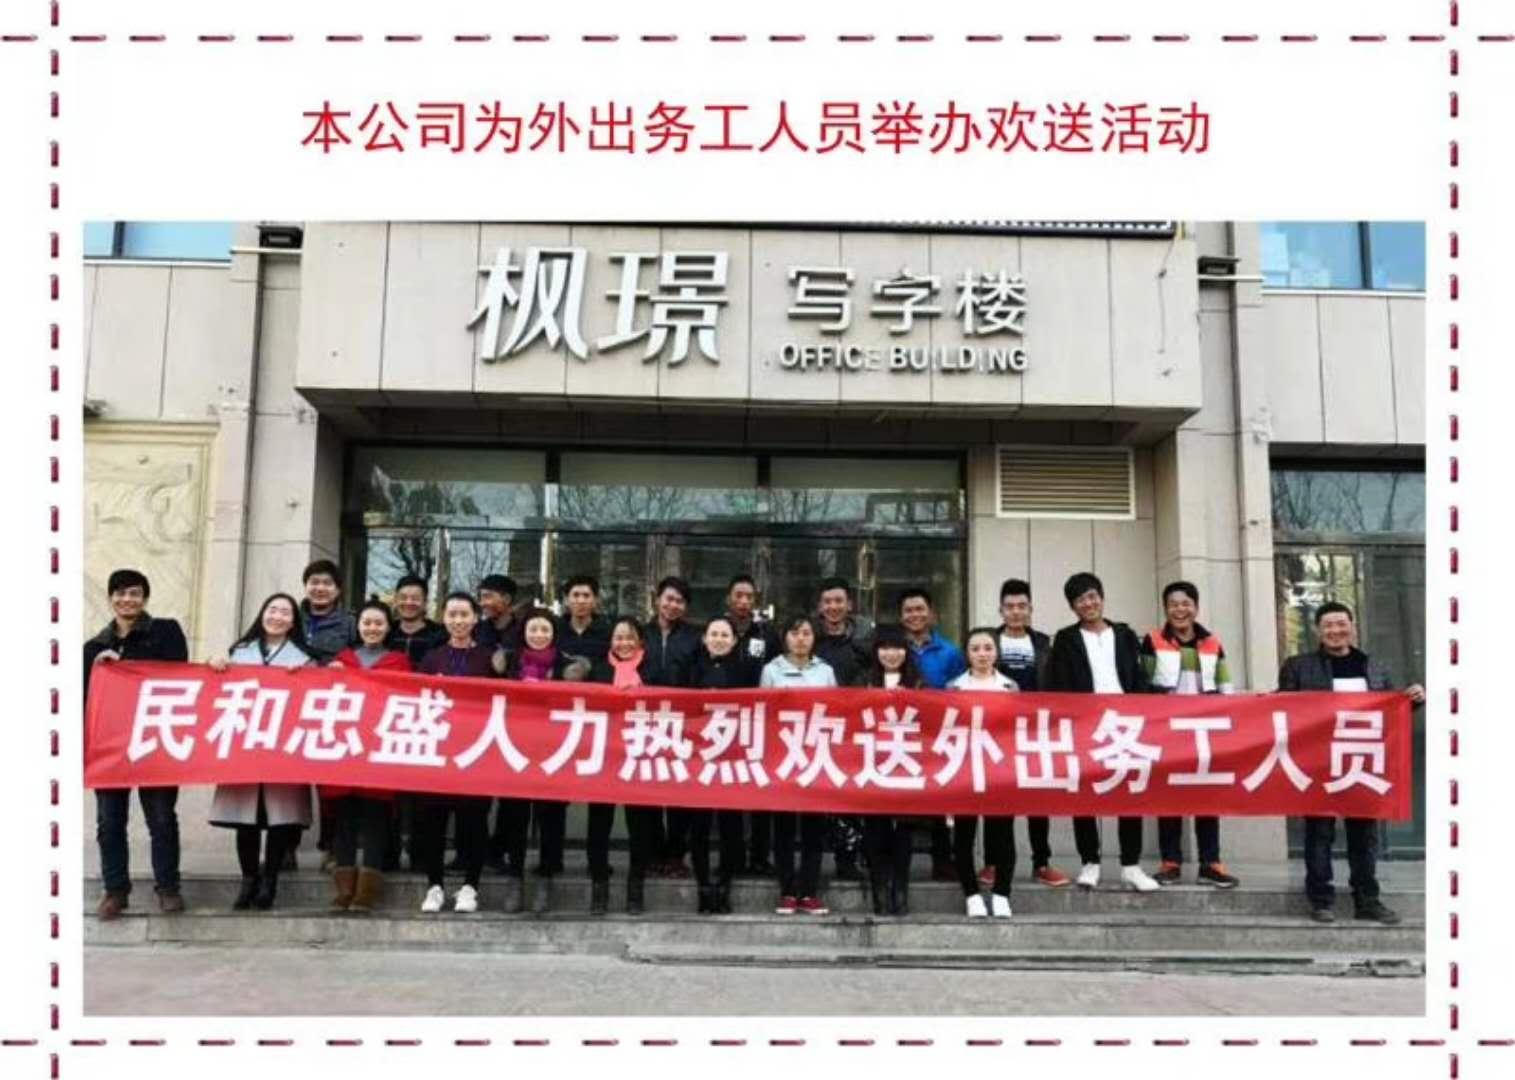 青海忠盛人力资源服务有限公司